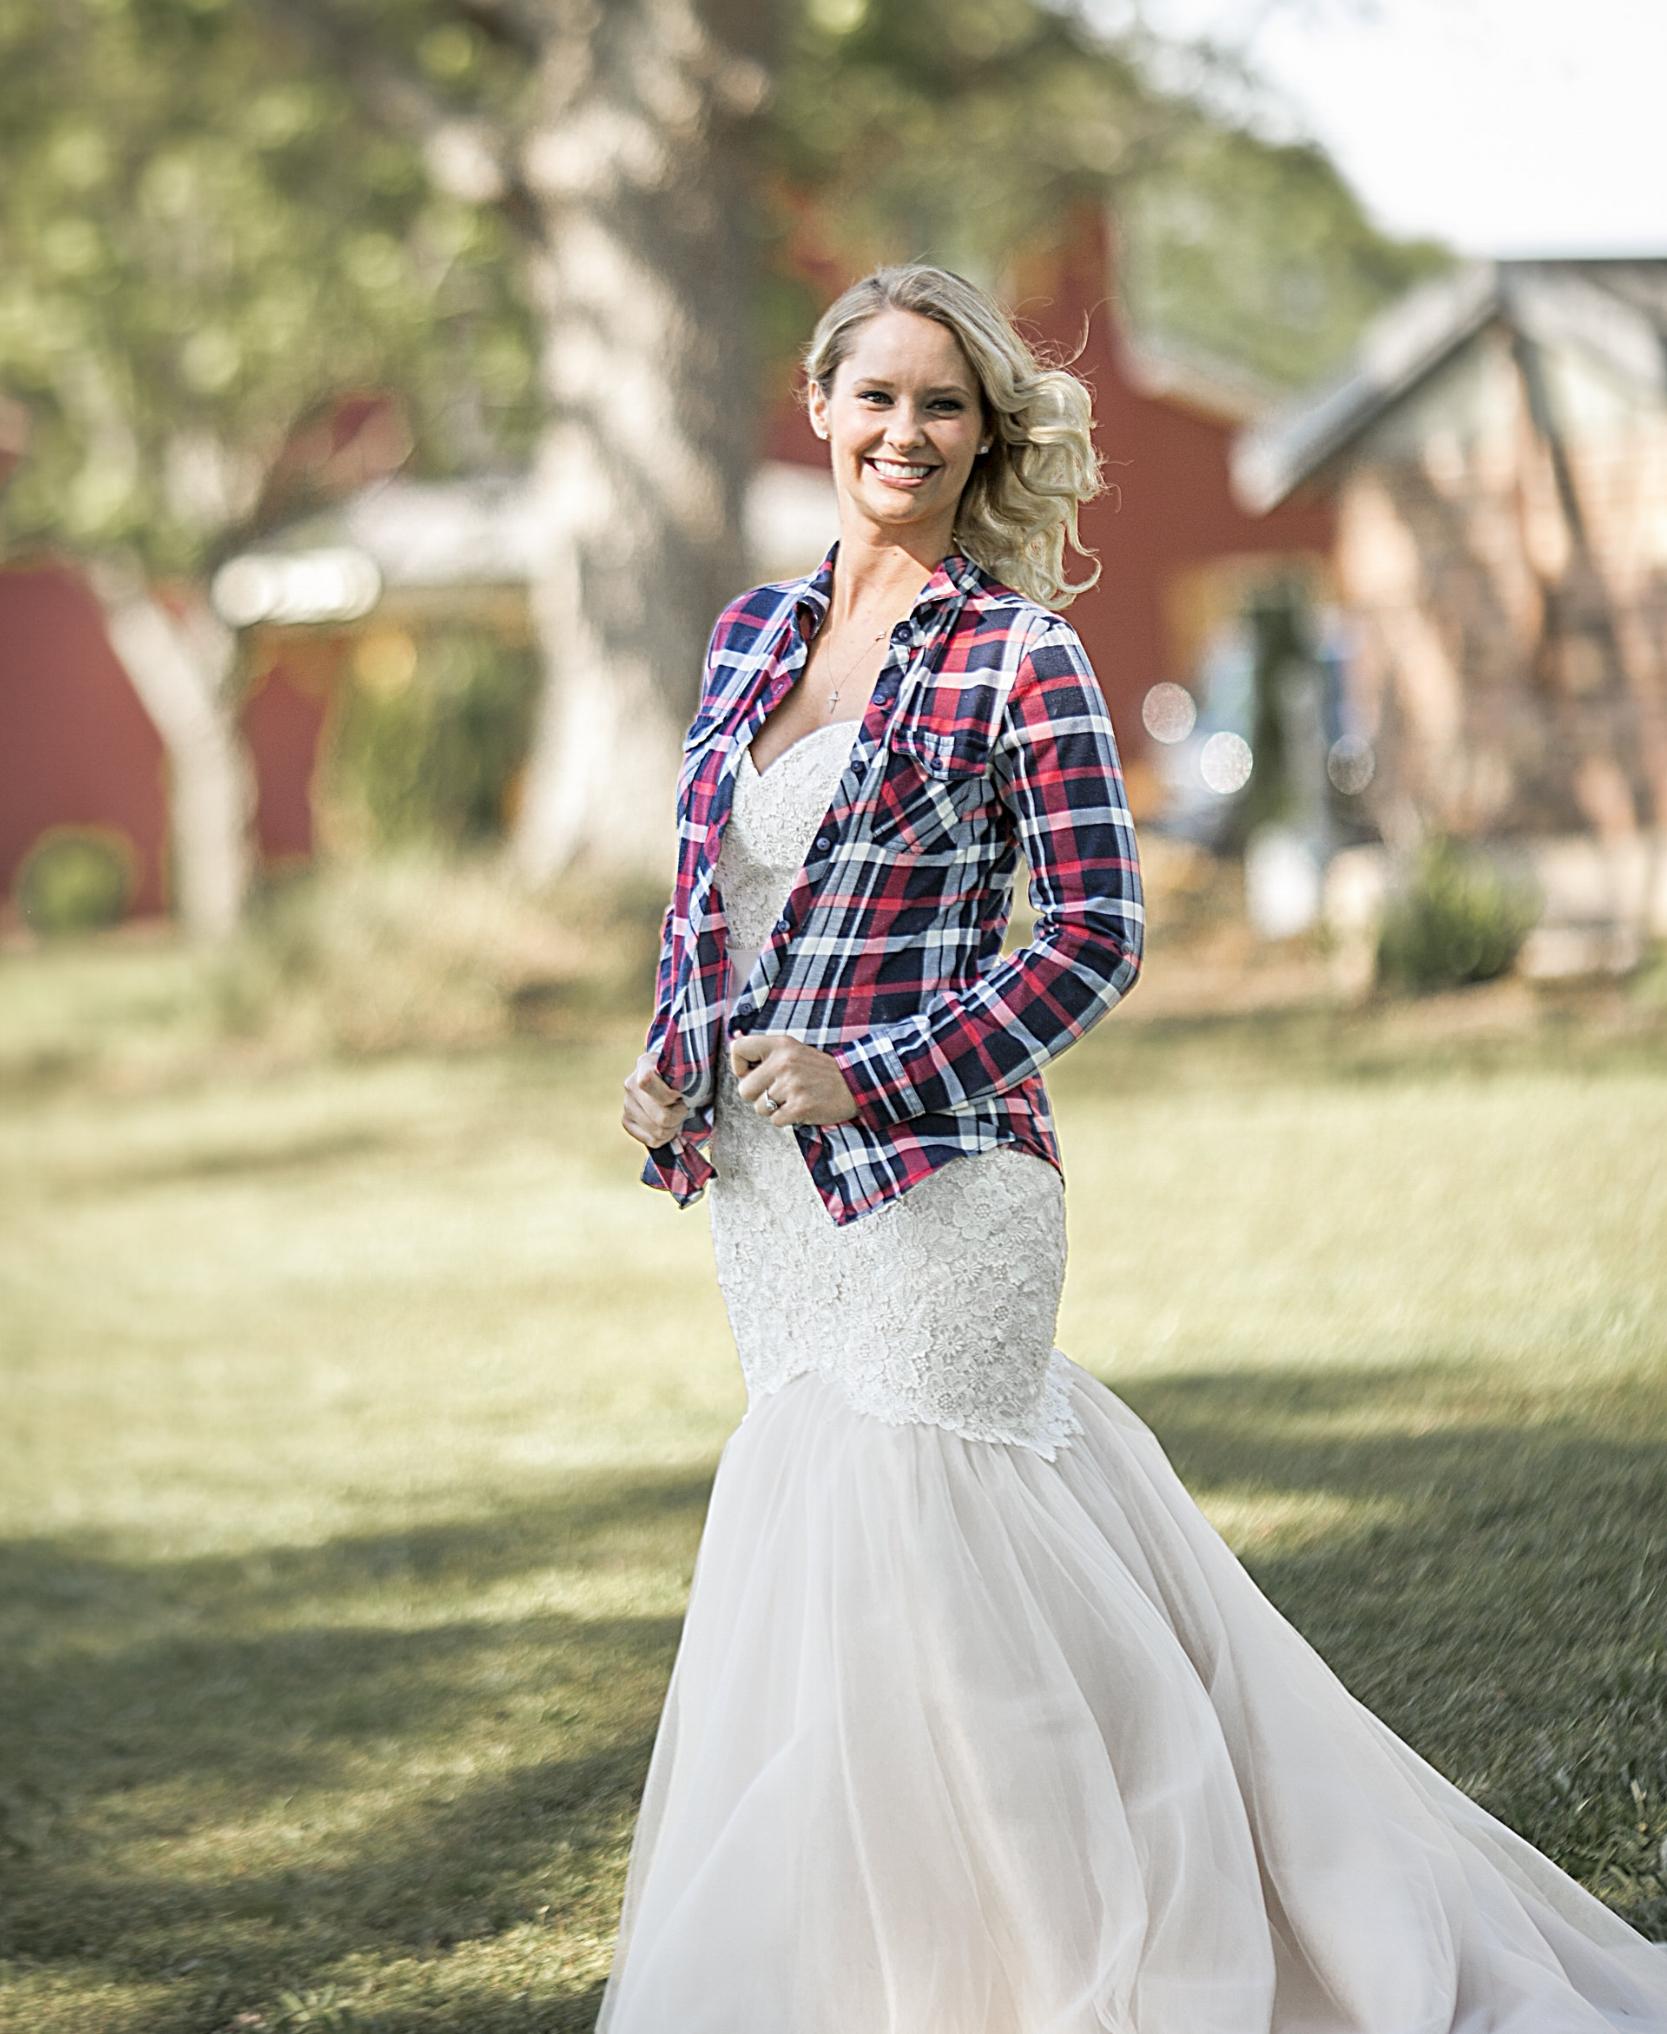 Plaid shirt + wedding dress, Once Upon a Lifetime Photography